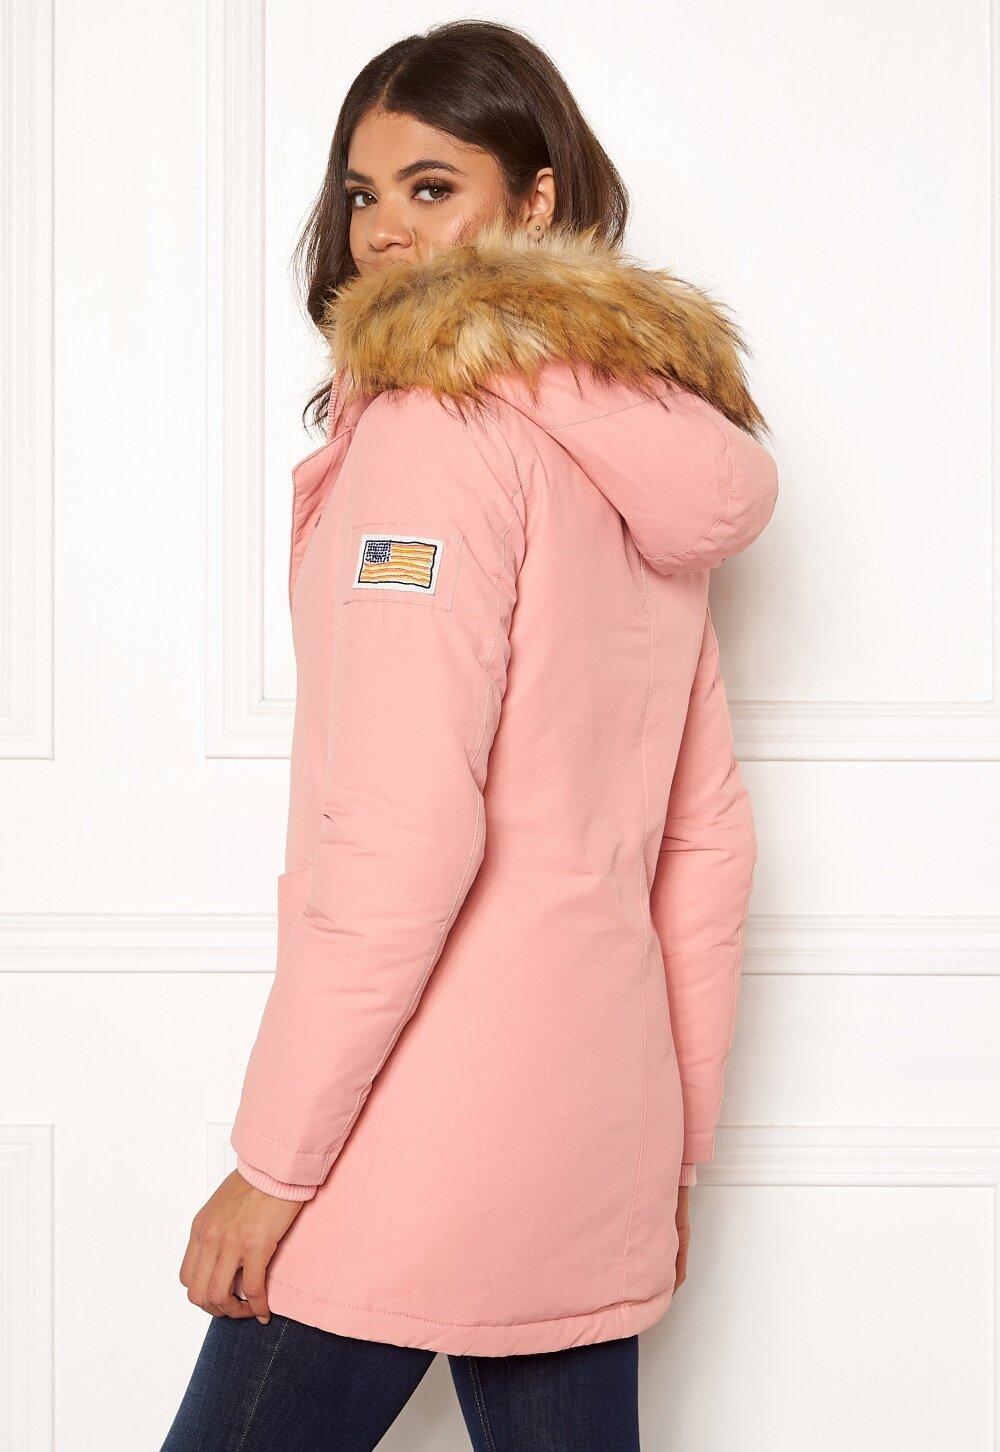 Svea Miss Lee 505 Soft Pink Bubbleroom